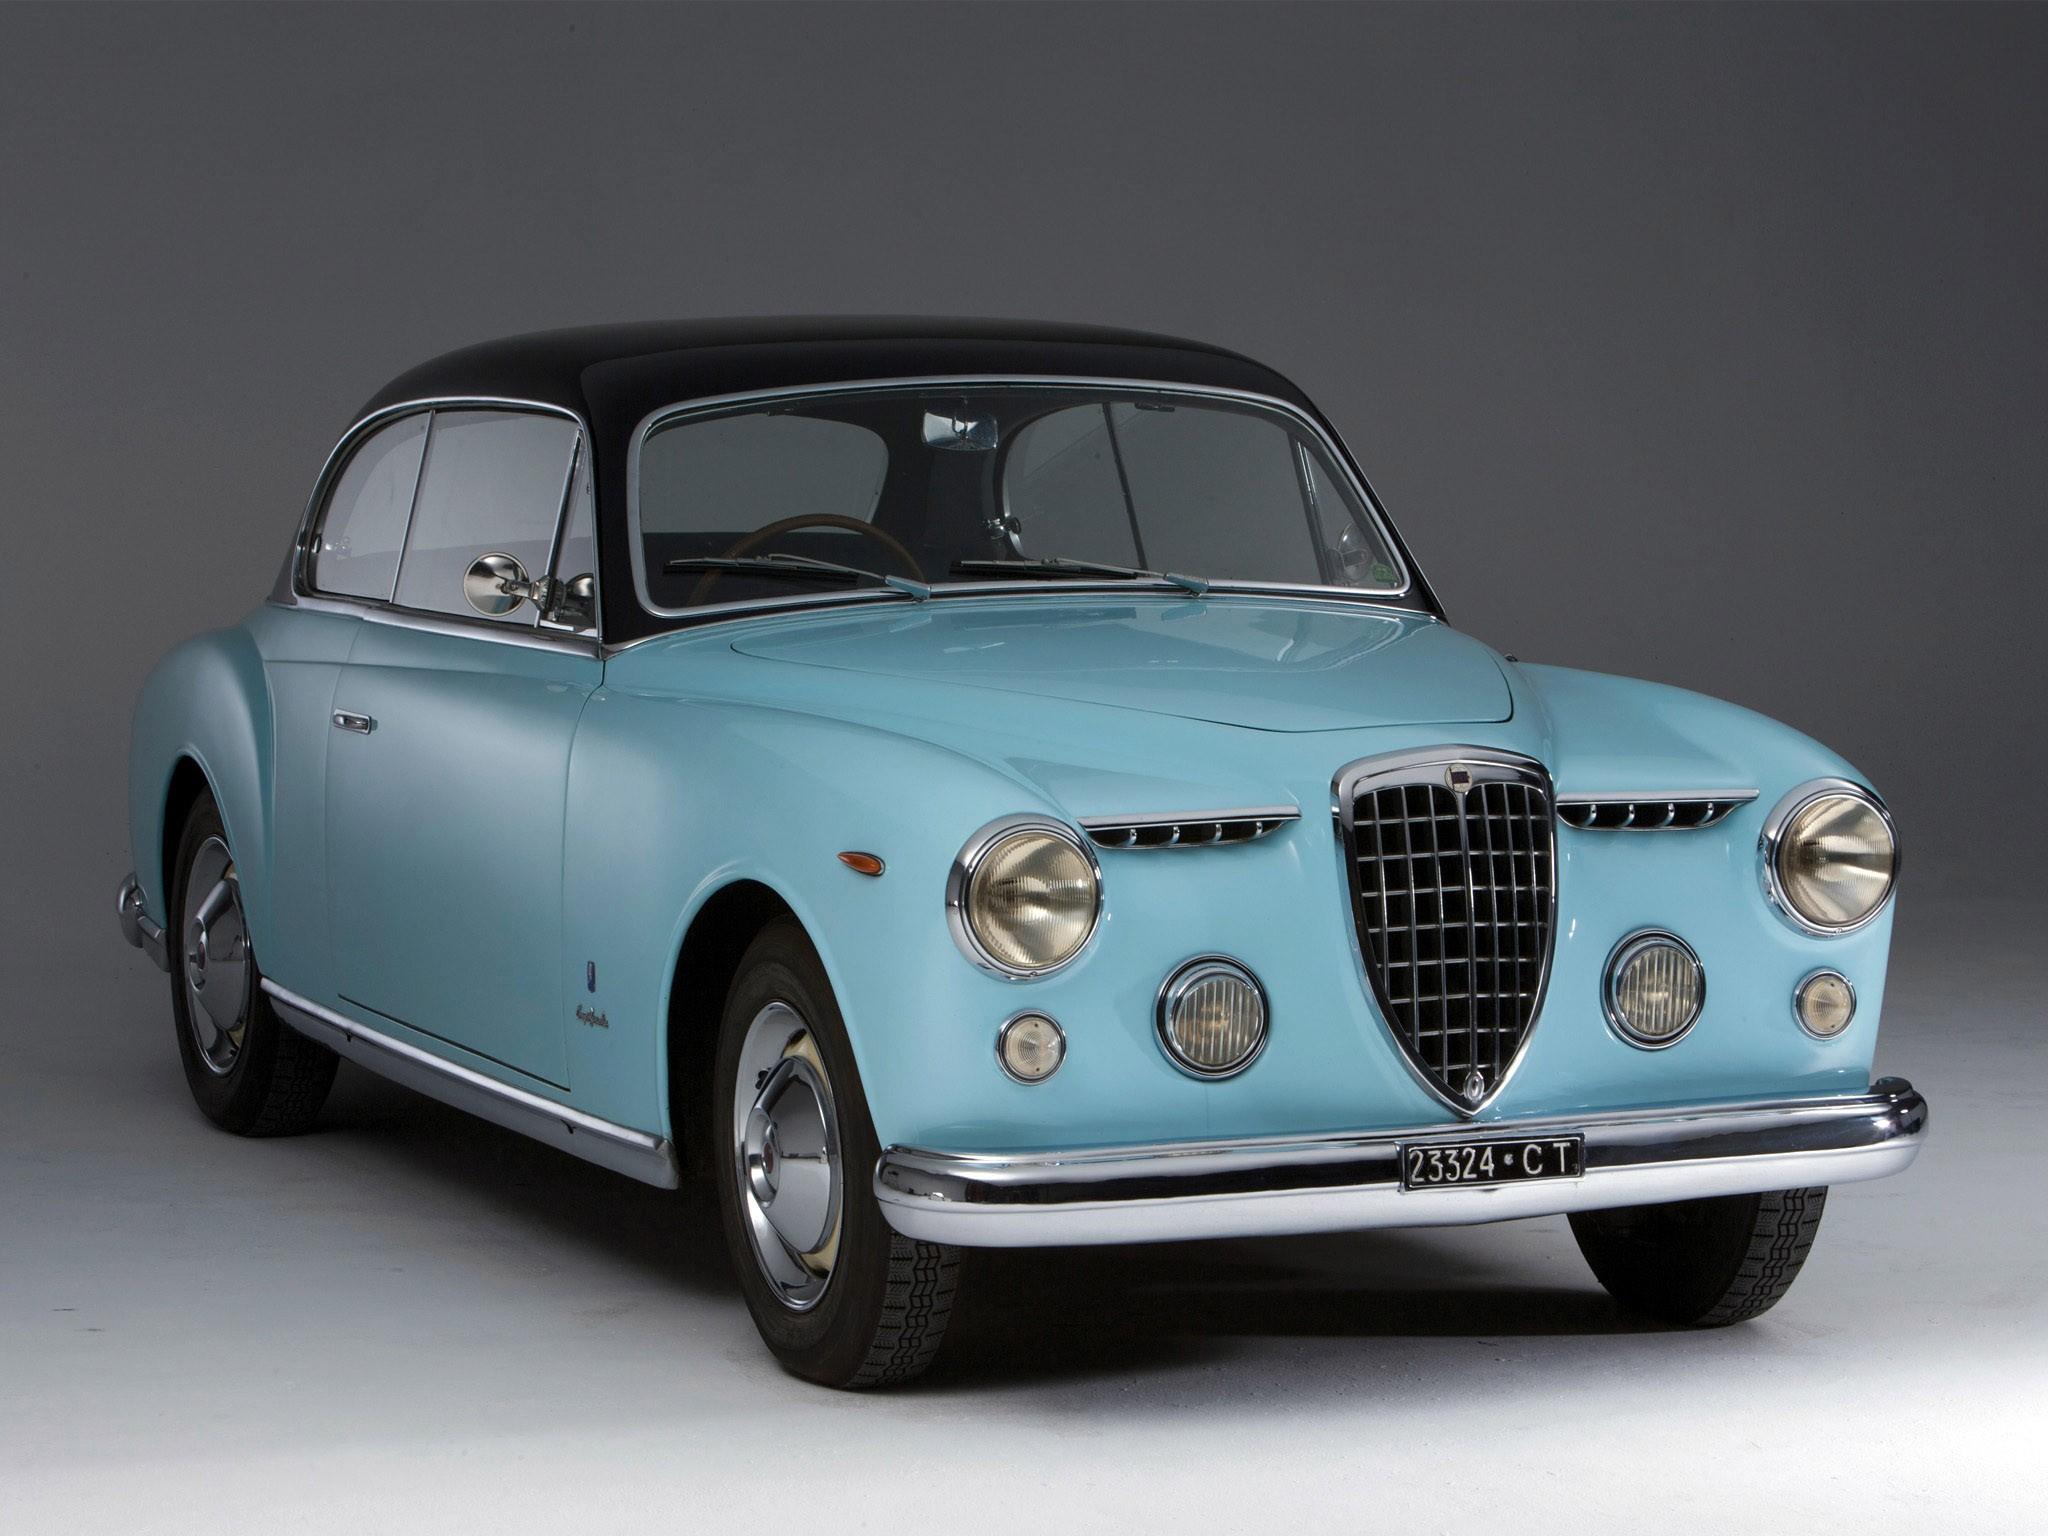 Lancia Aurelia B53 Coupe (1952)